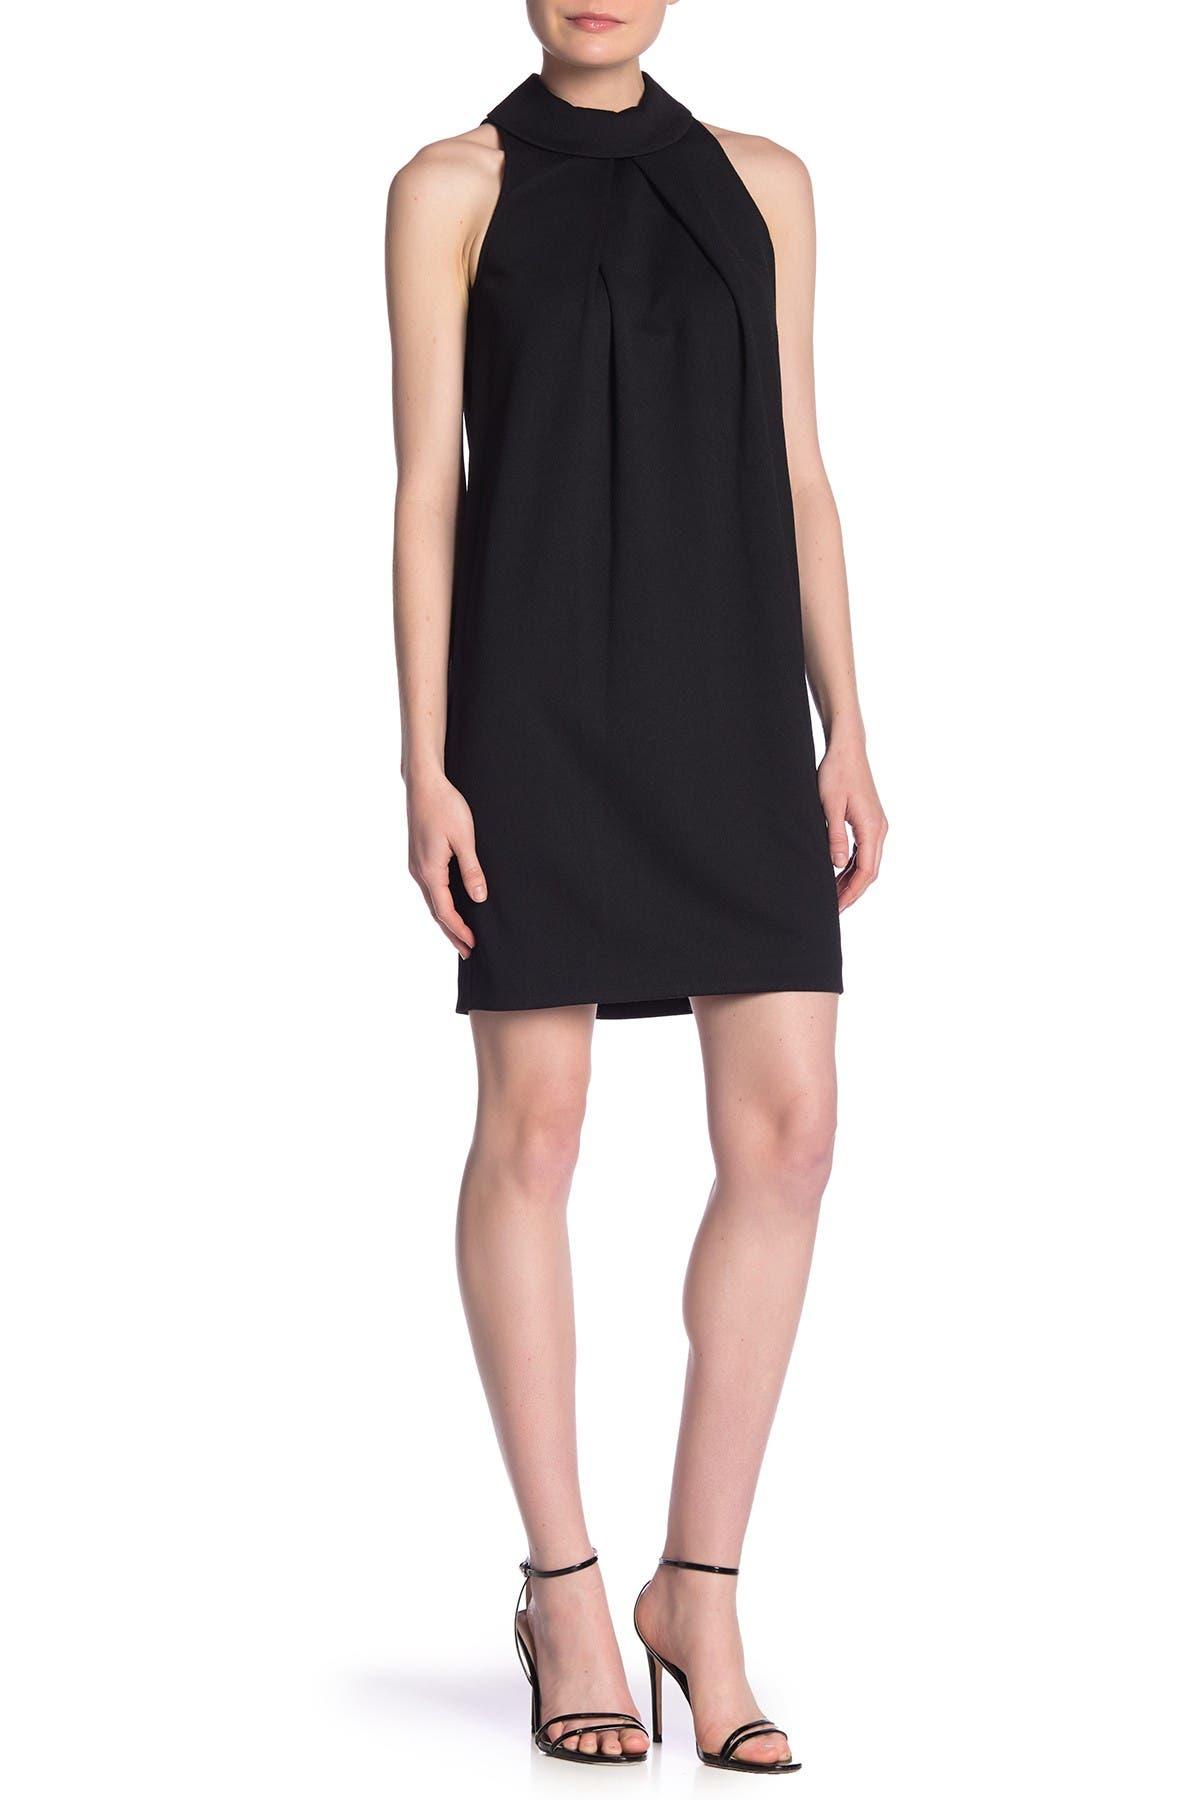 Image of trina Trina Turk Straight Up Sleeveless Shift Dress